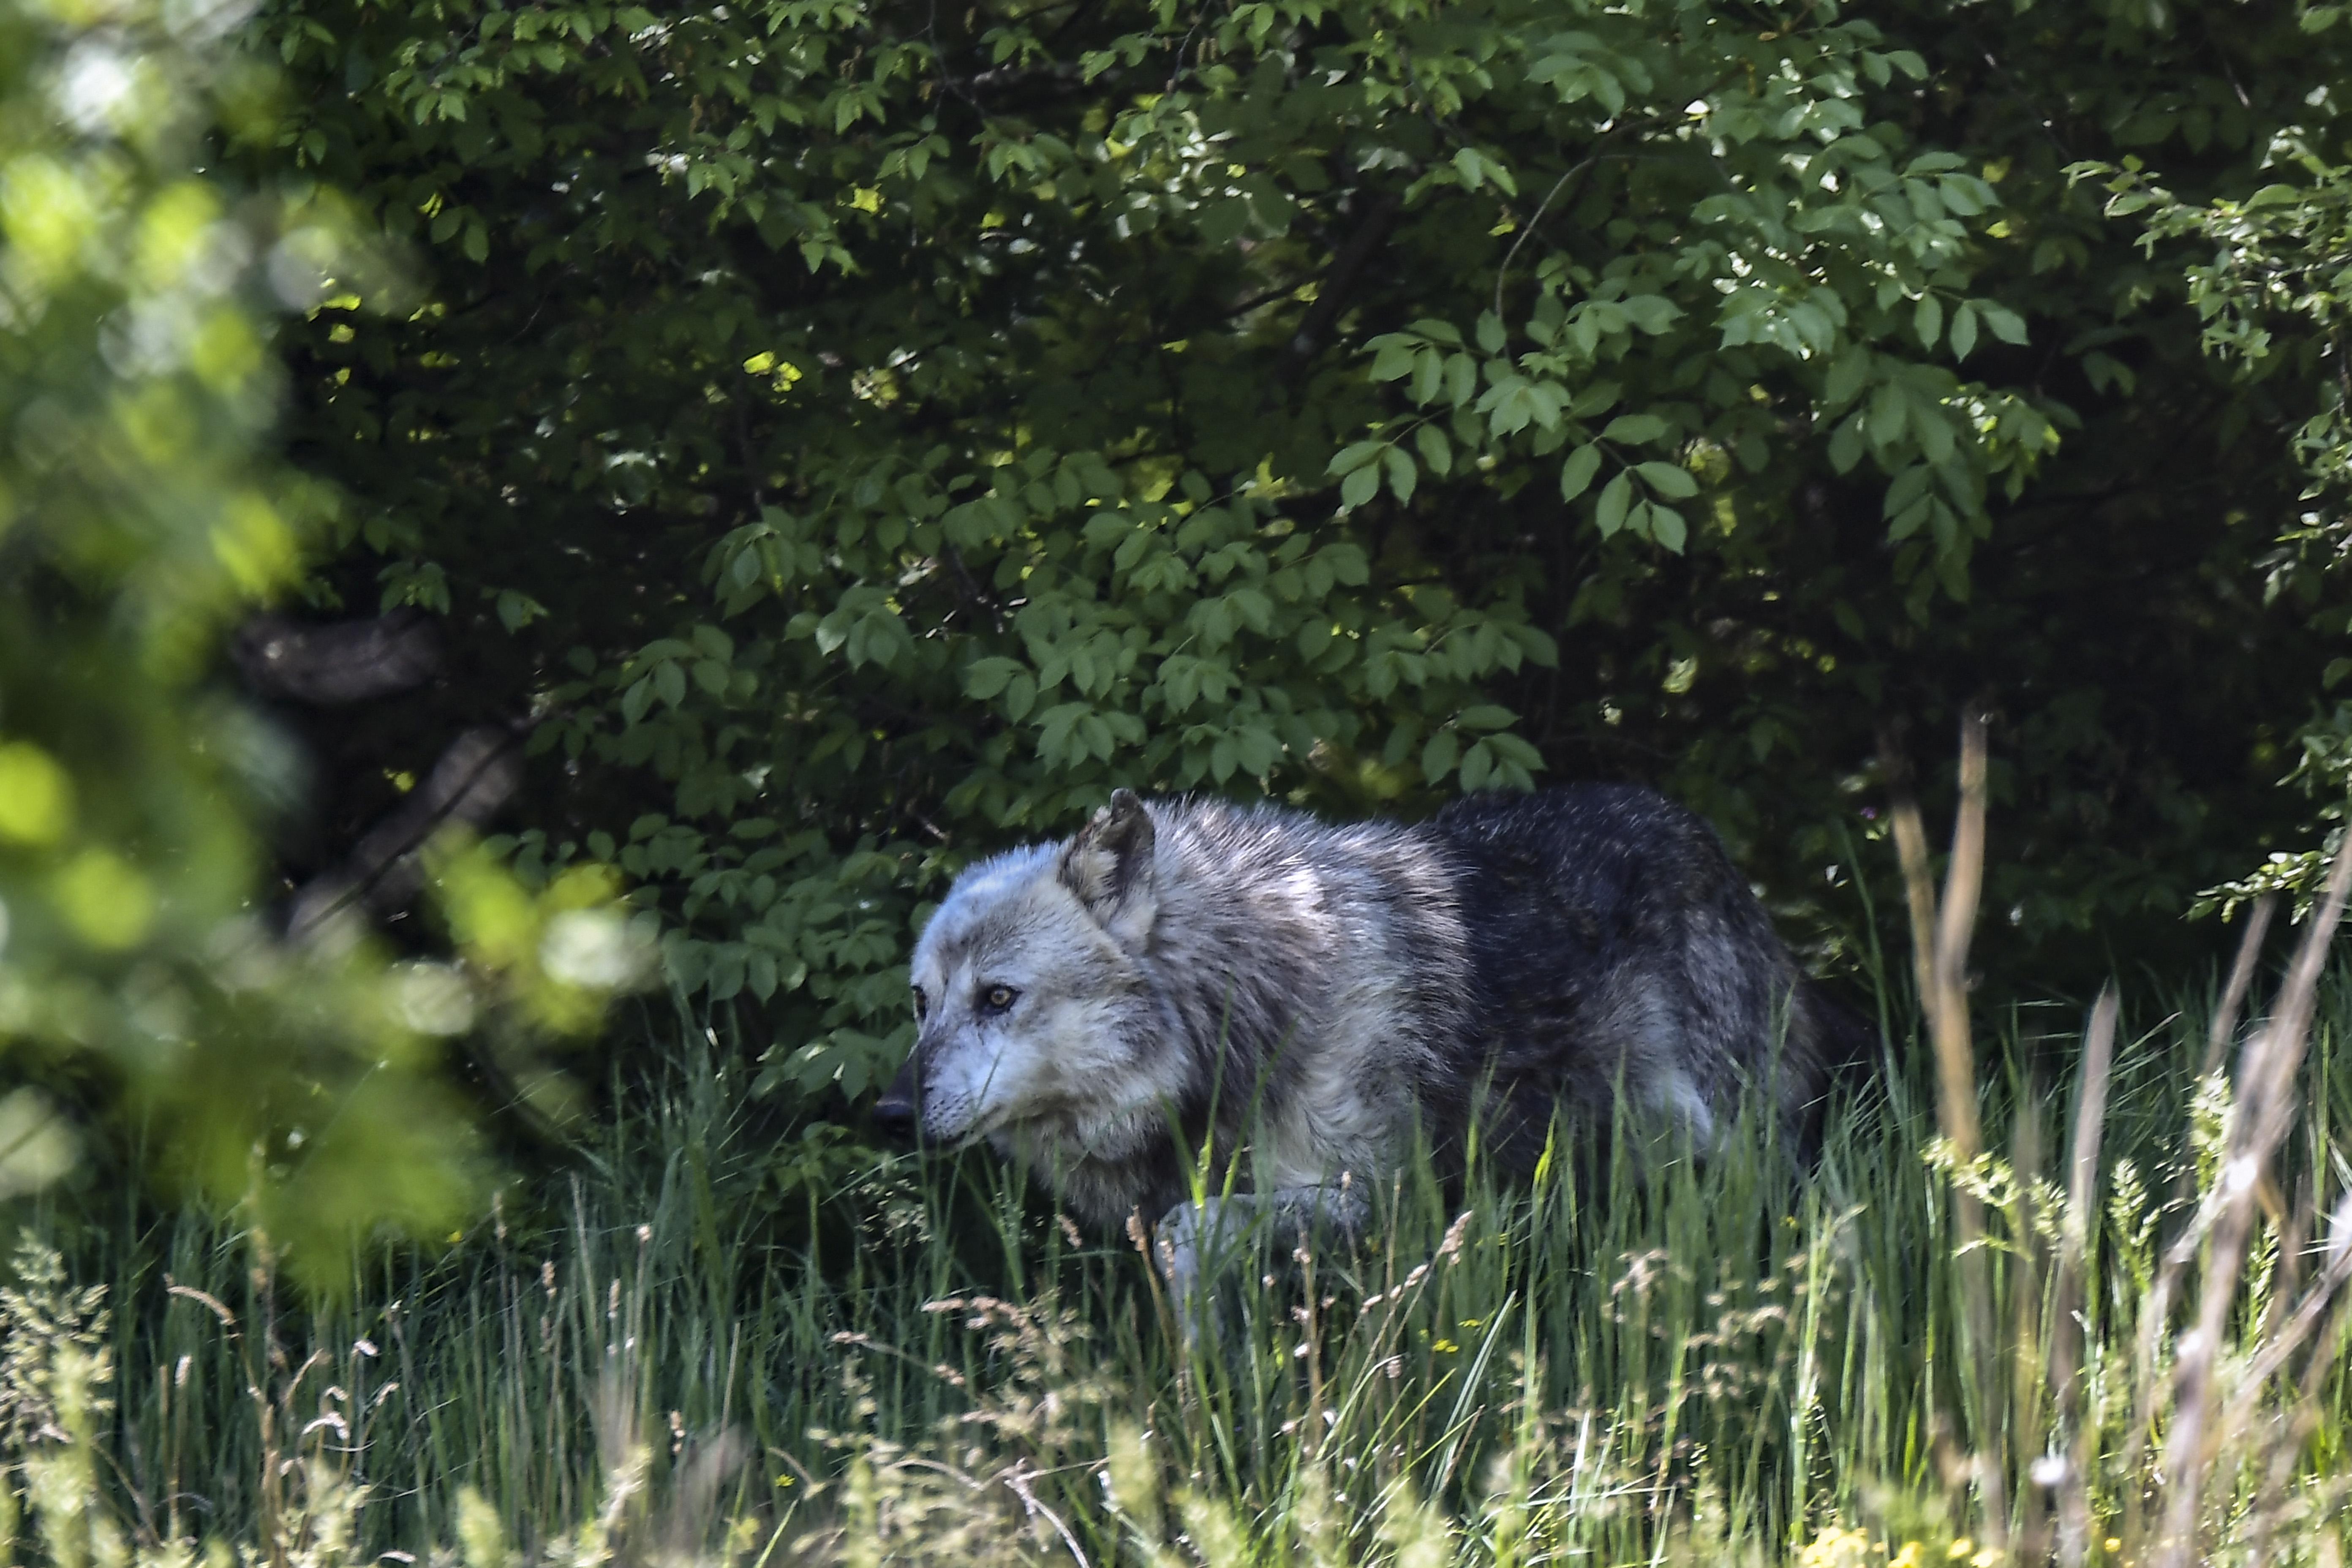 Saône-et-Loire : la présence d'un loup confirmée, le plan national d'action déclenché